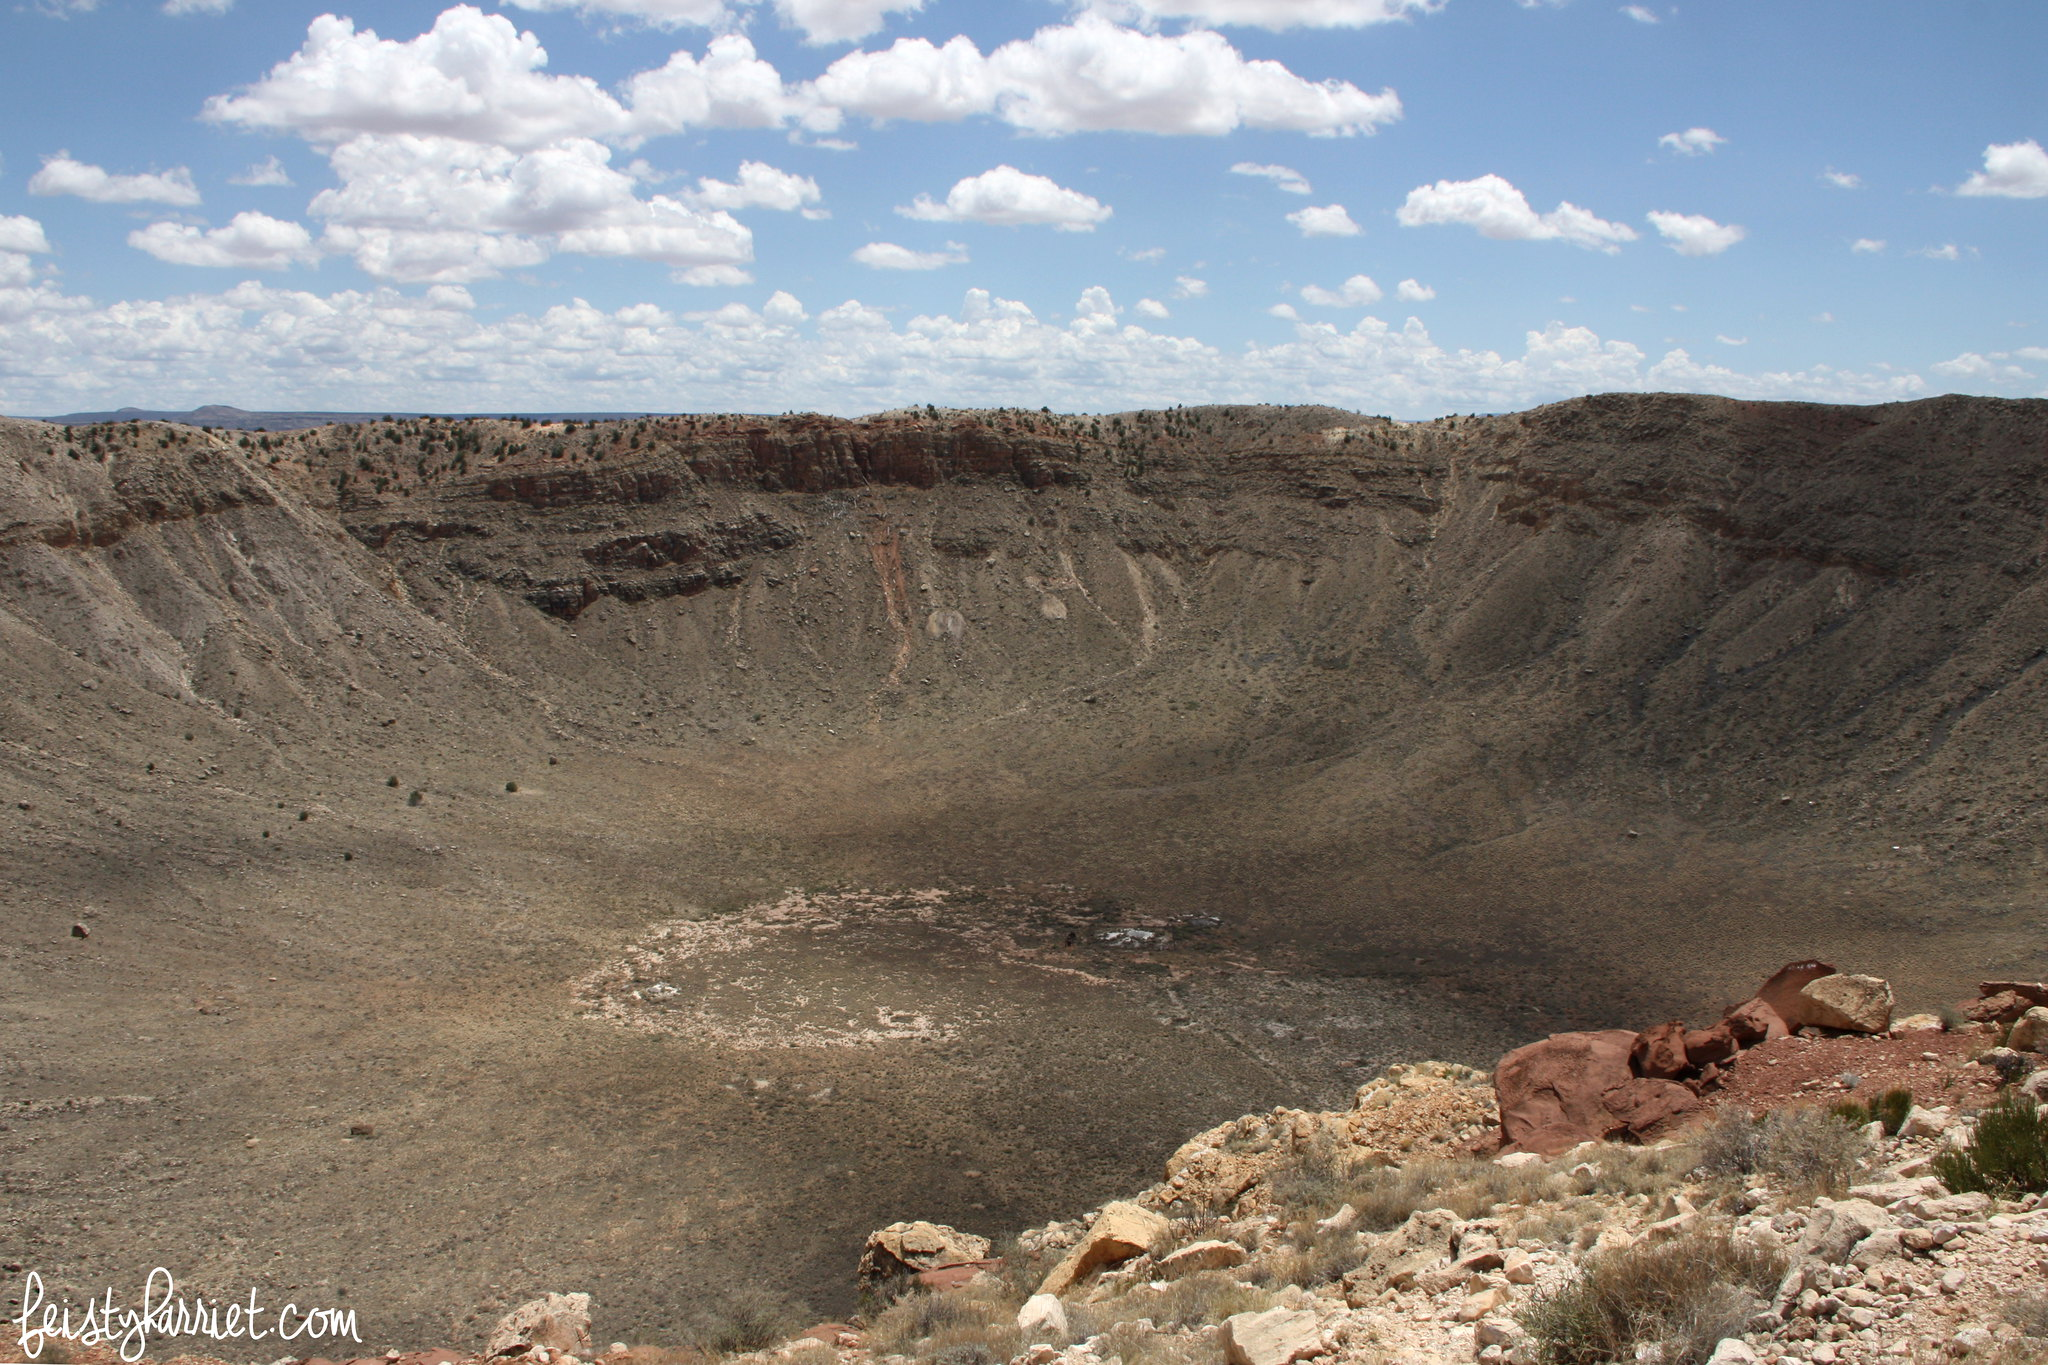 Arizona Meteor Crater_feistyharriet_July 2016 (3)